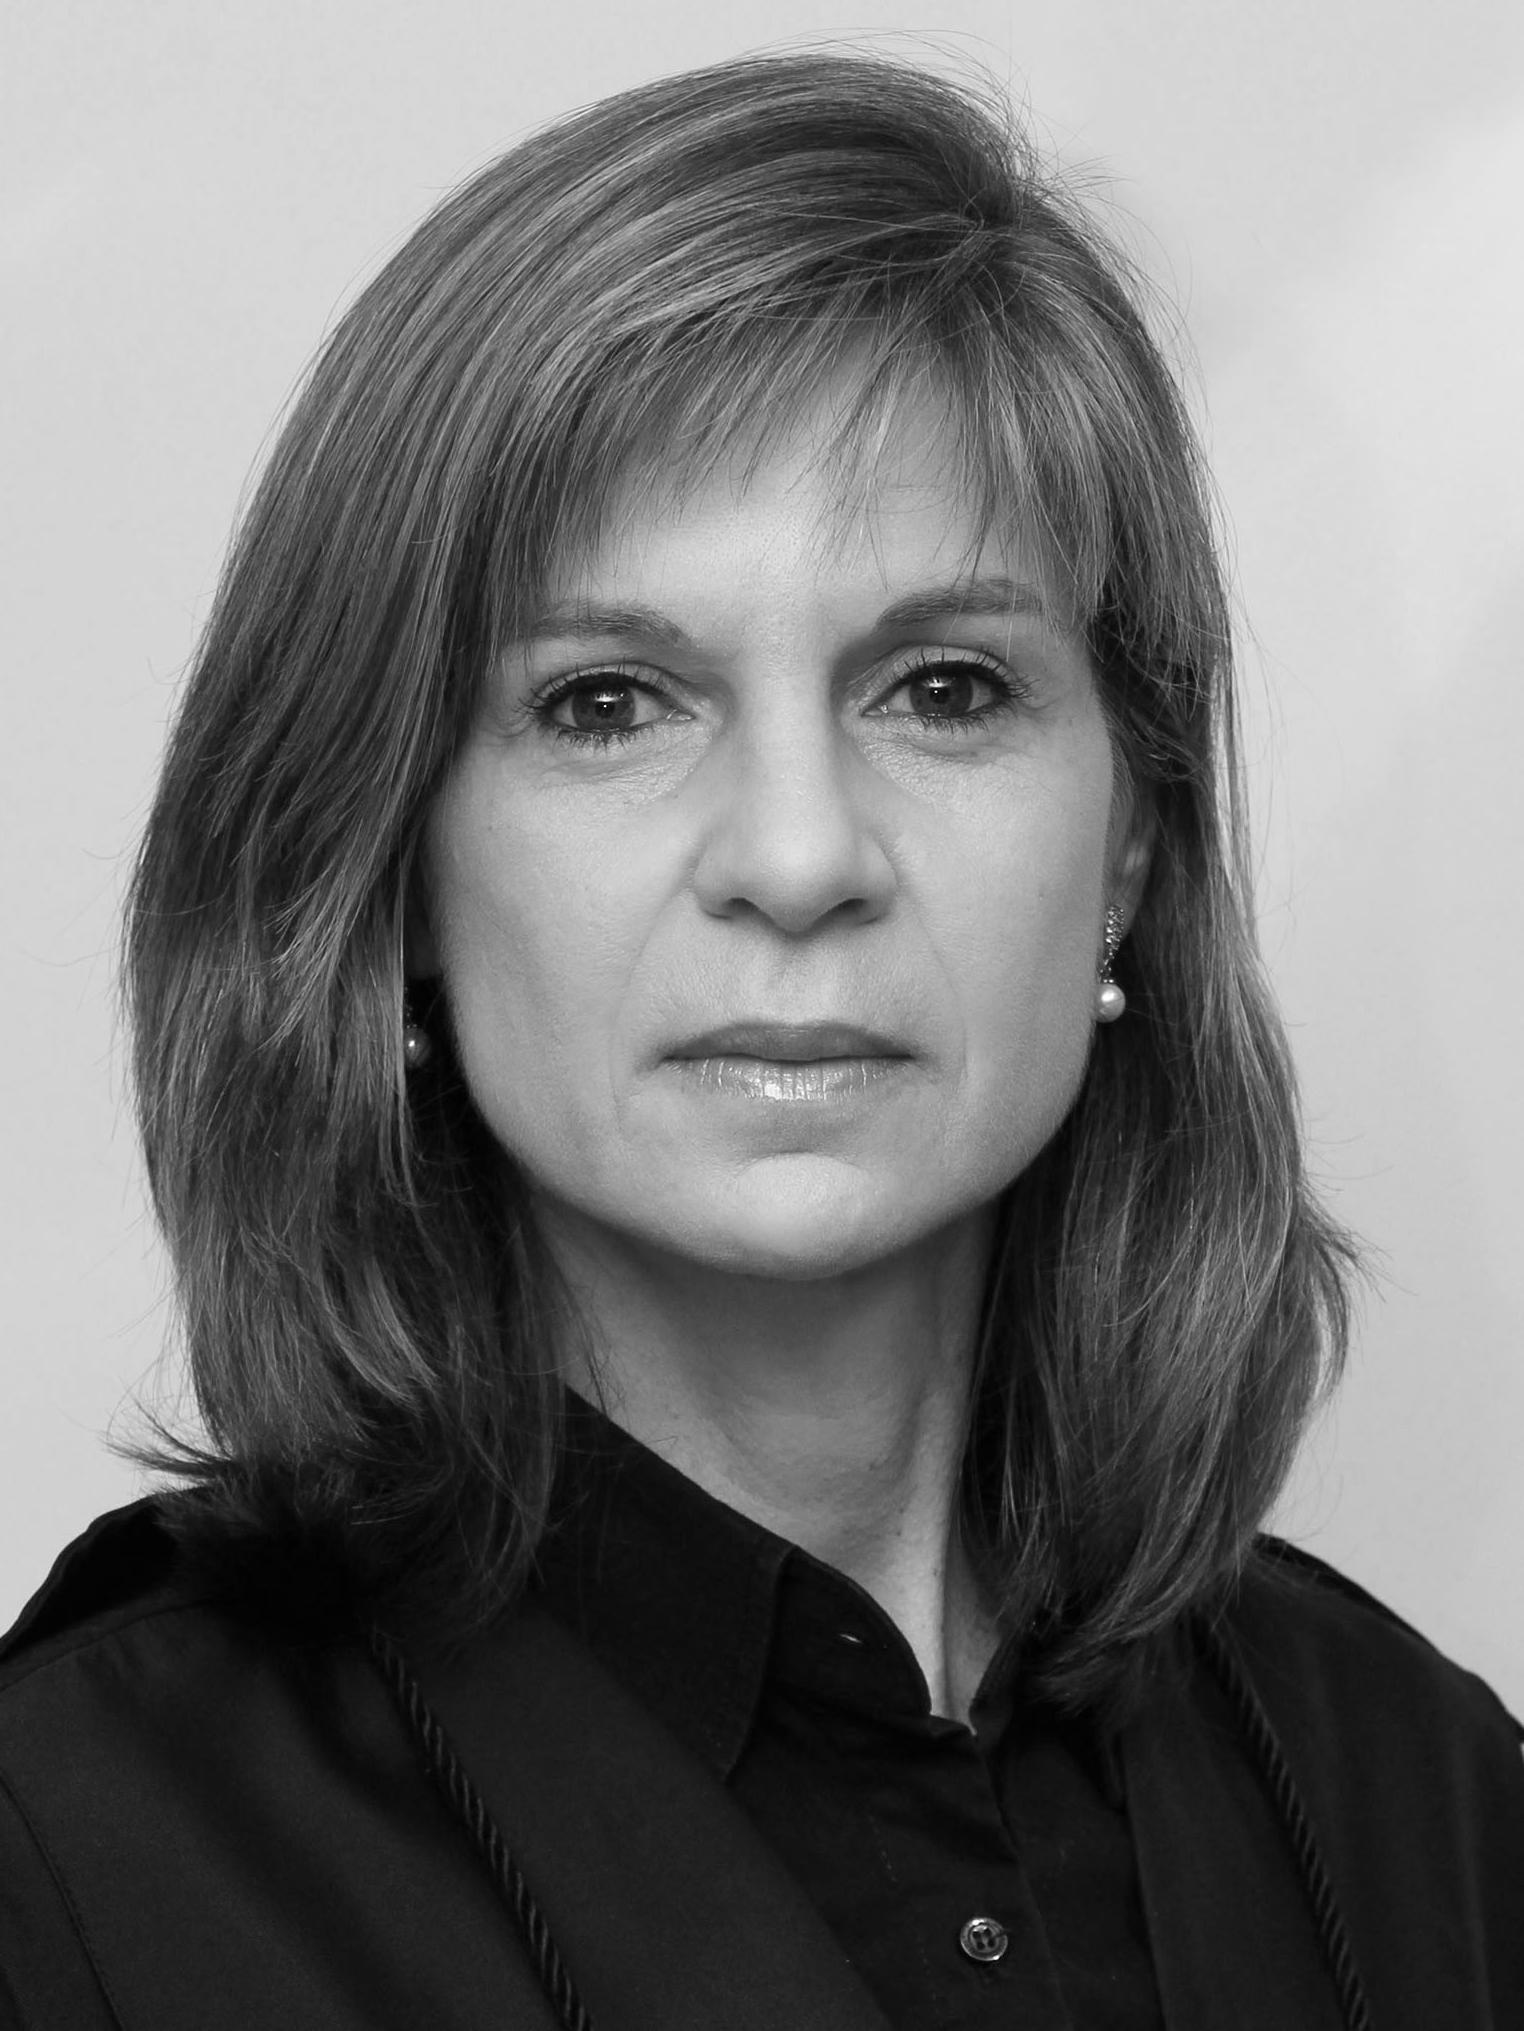 Desembargador Federal Vivian Josete Pantaleão Caminha